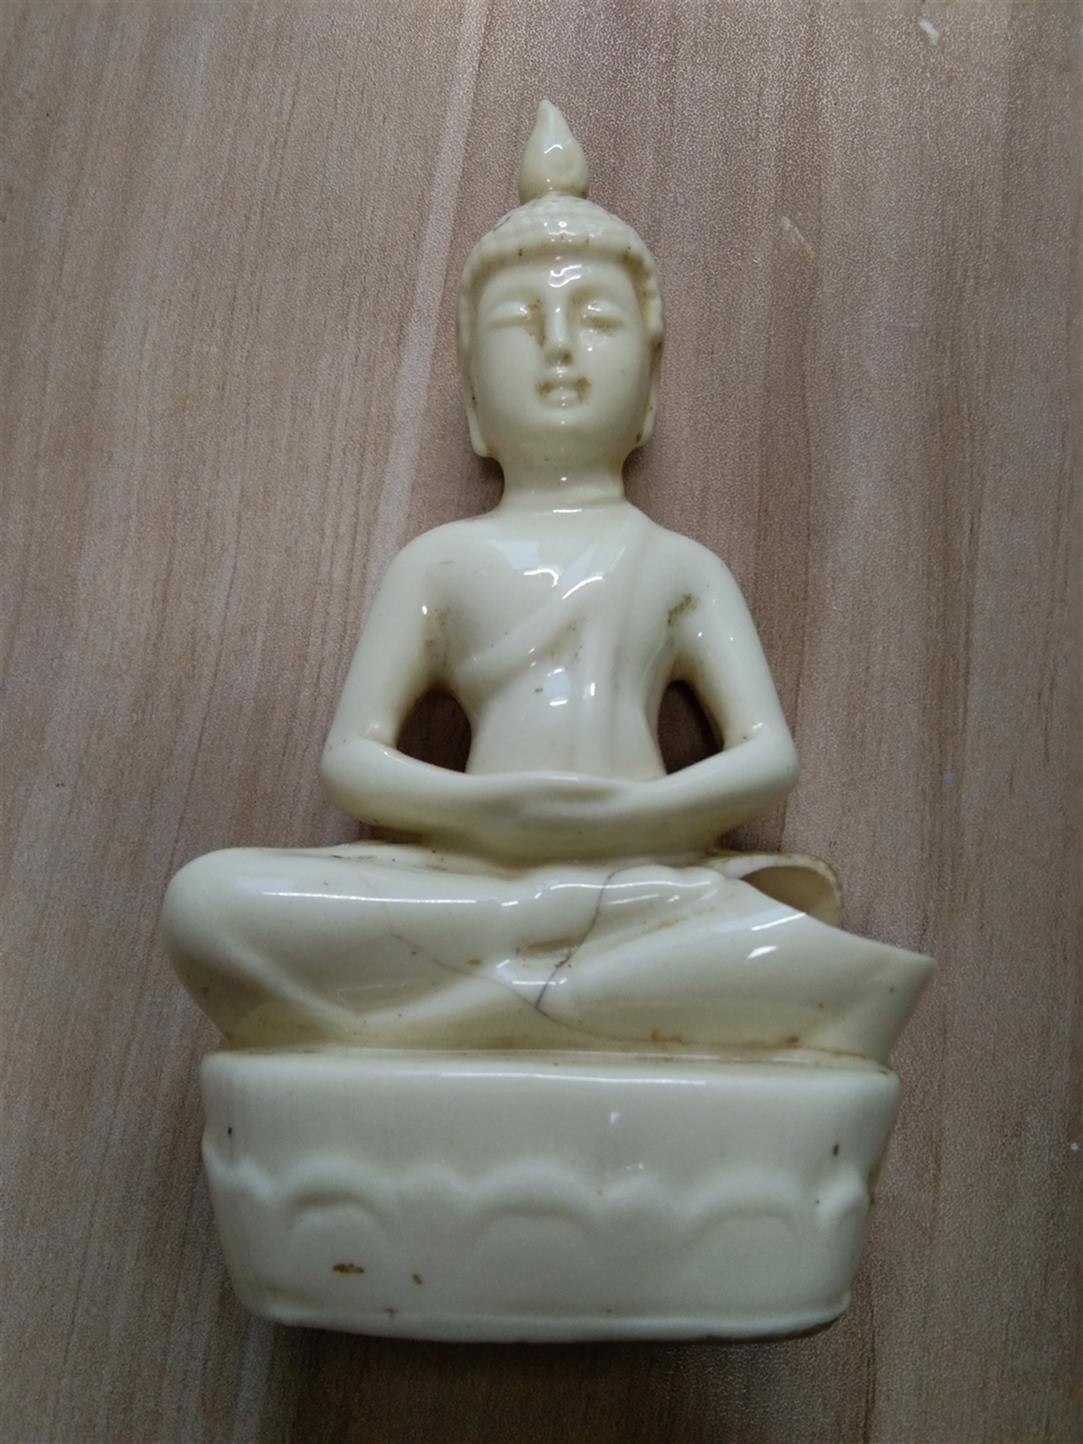 南京陶瓷佛像修复电话 陶瓷佛像无痕修复 提供专业方案可上门服务